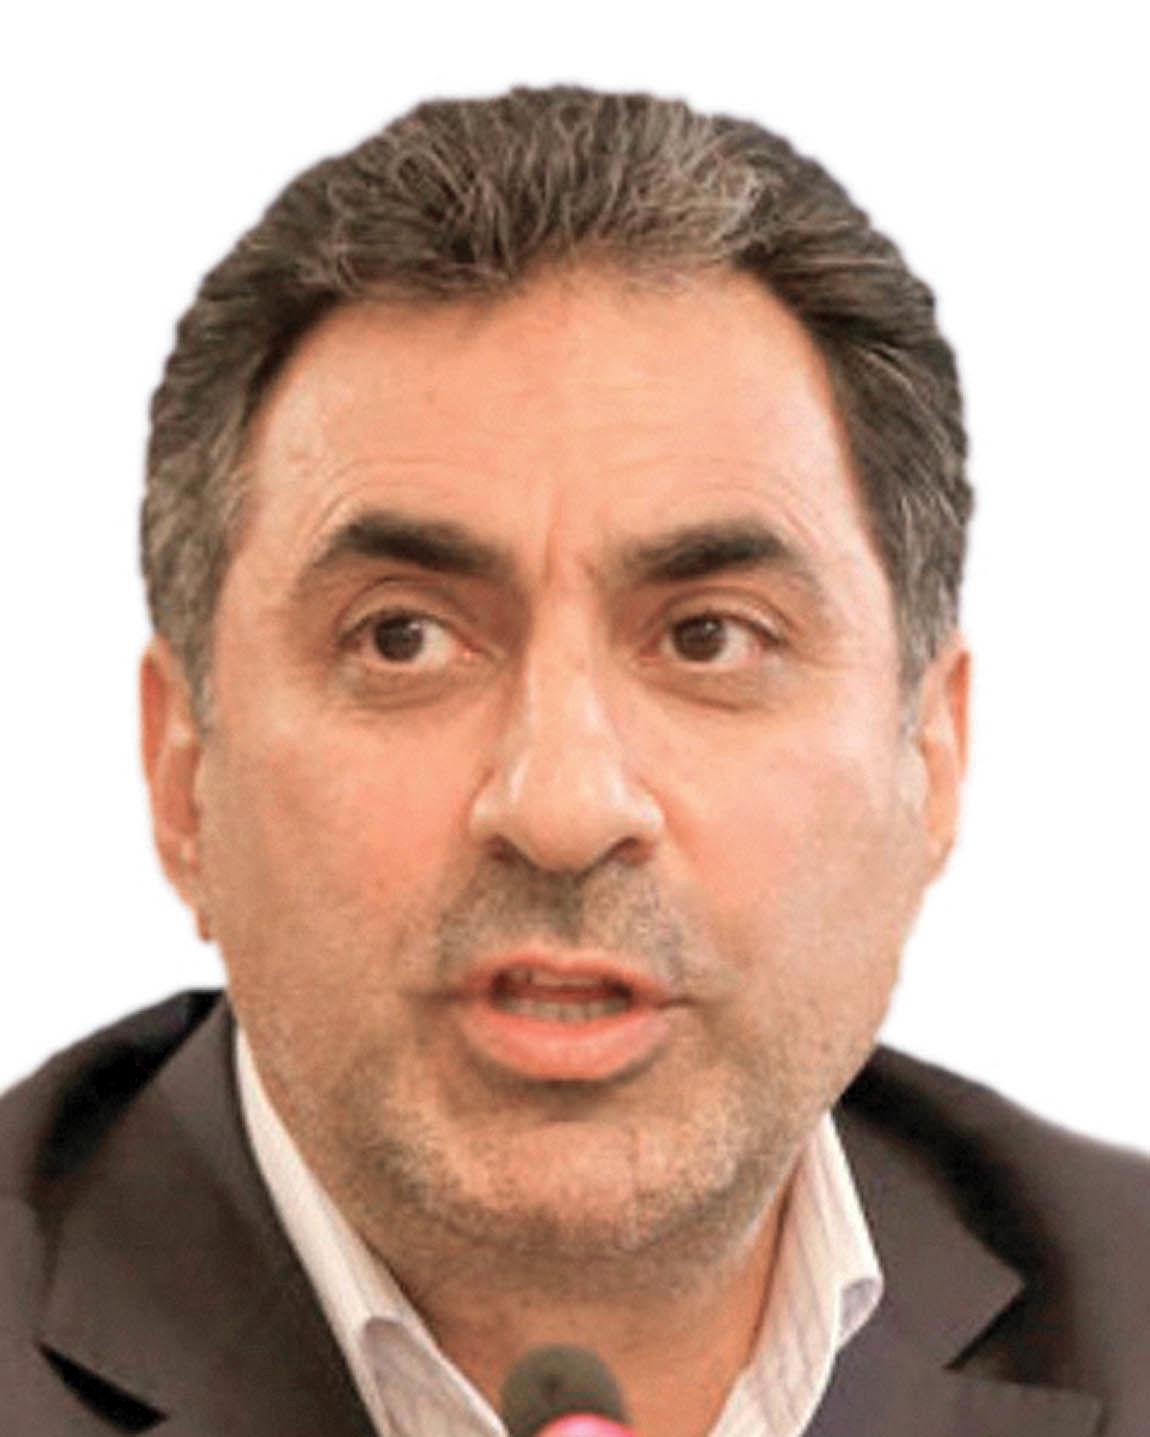 بازدید معاون وزیر از روند اجرایی پروژههای راهسازی استان خوزستان